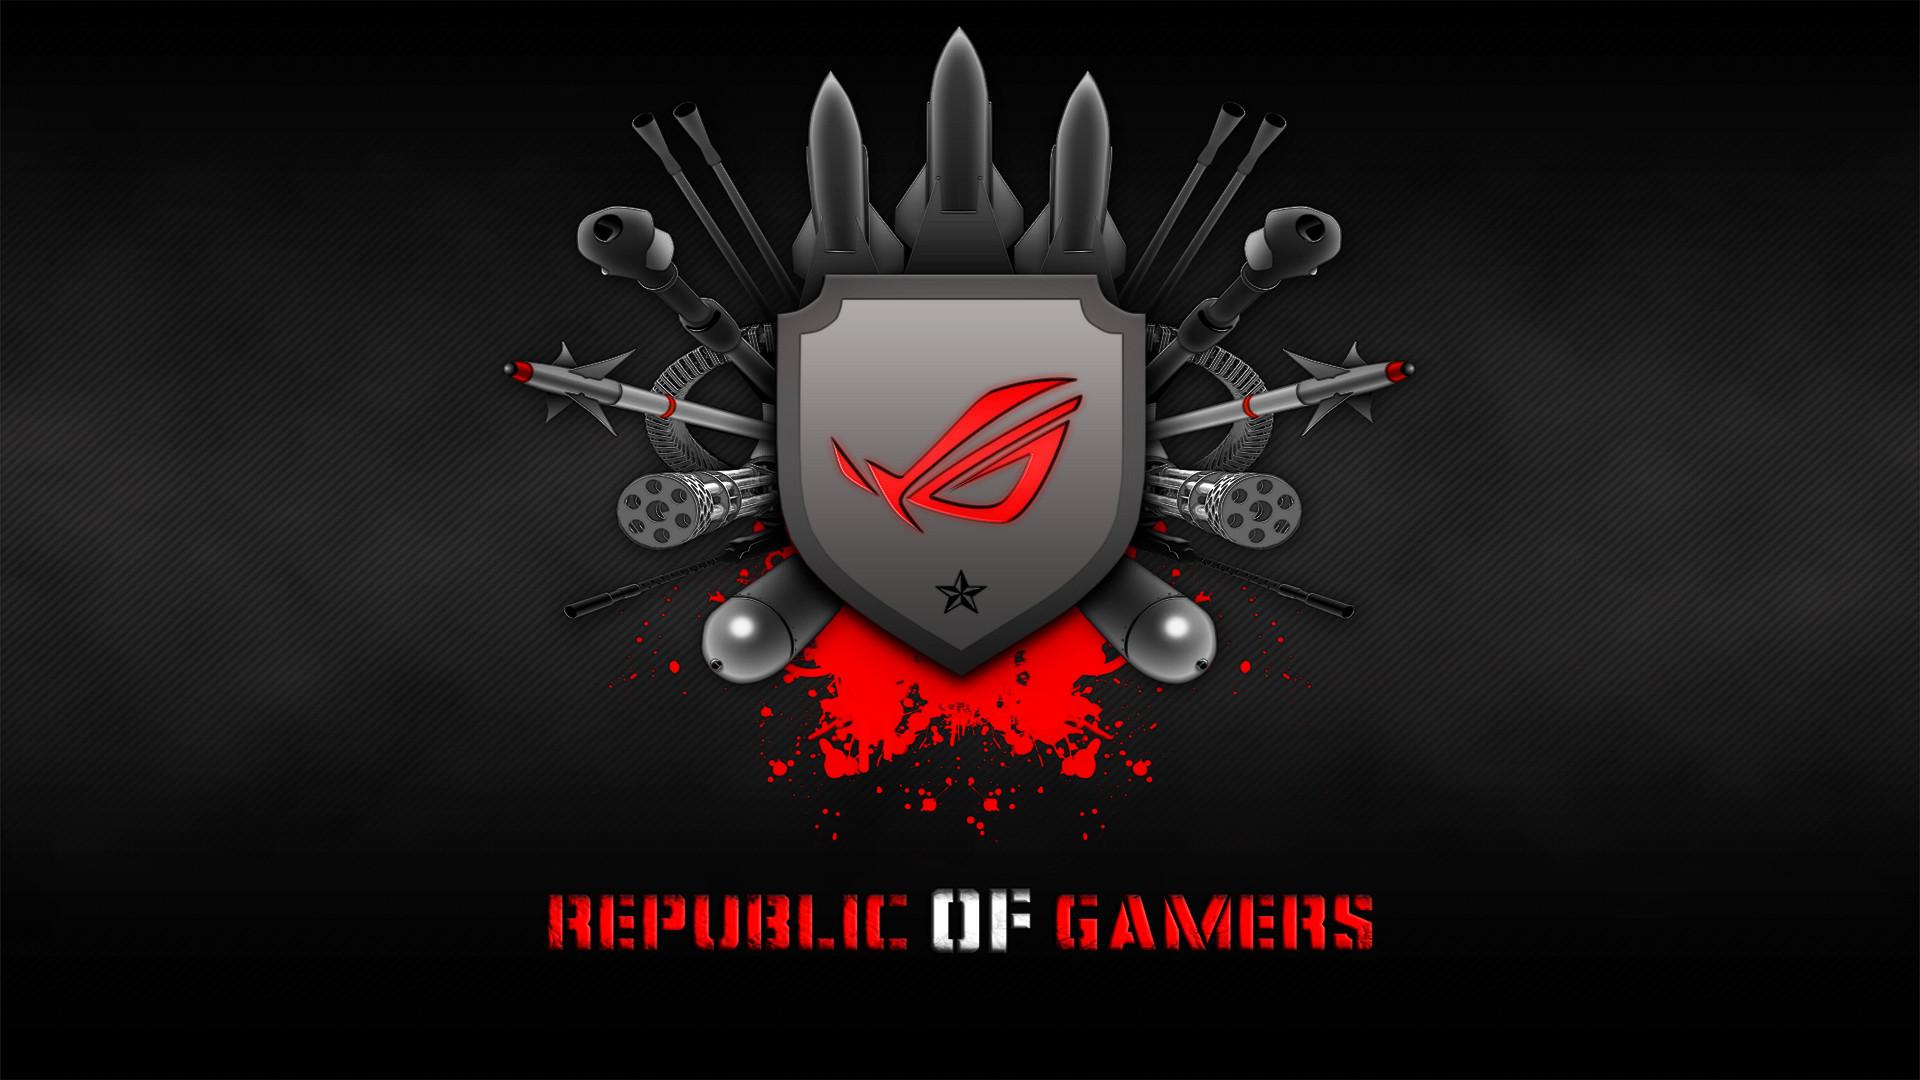 … rog republic of gamers logo asus wallpaper hd 3 wallpaper rog …